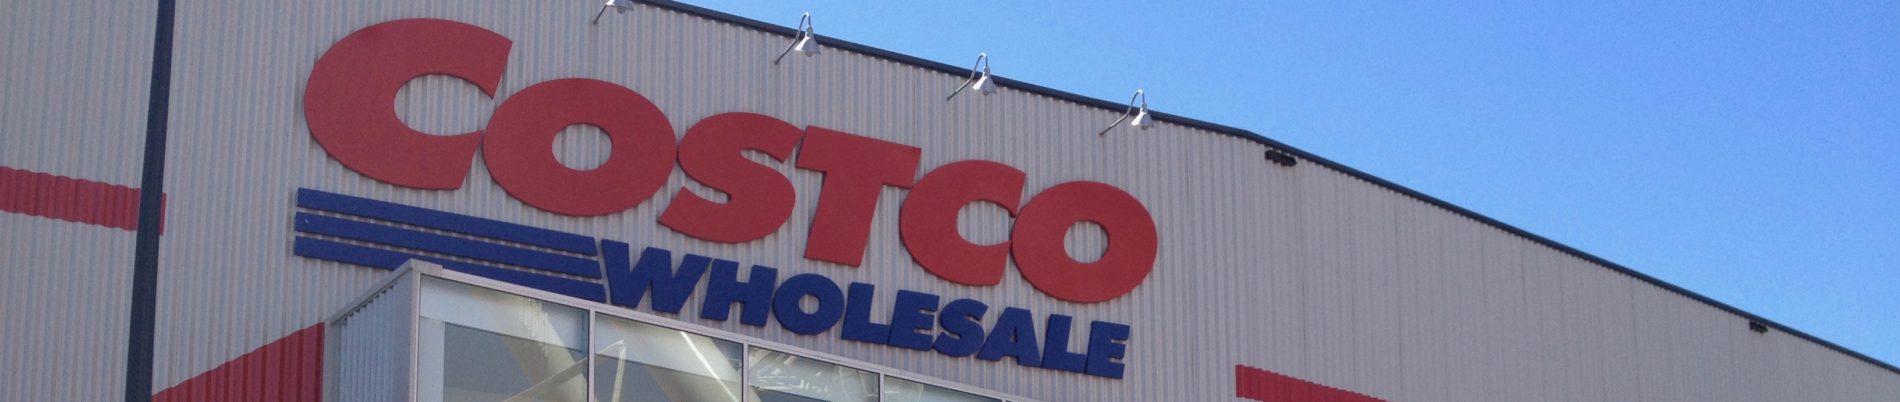 The Costco Connoisseur